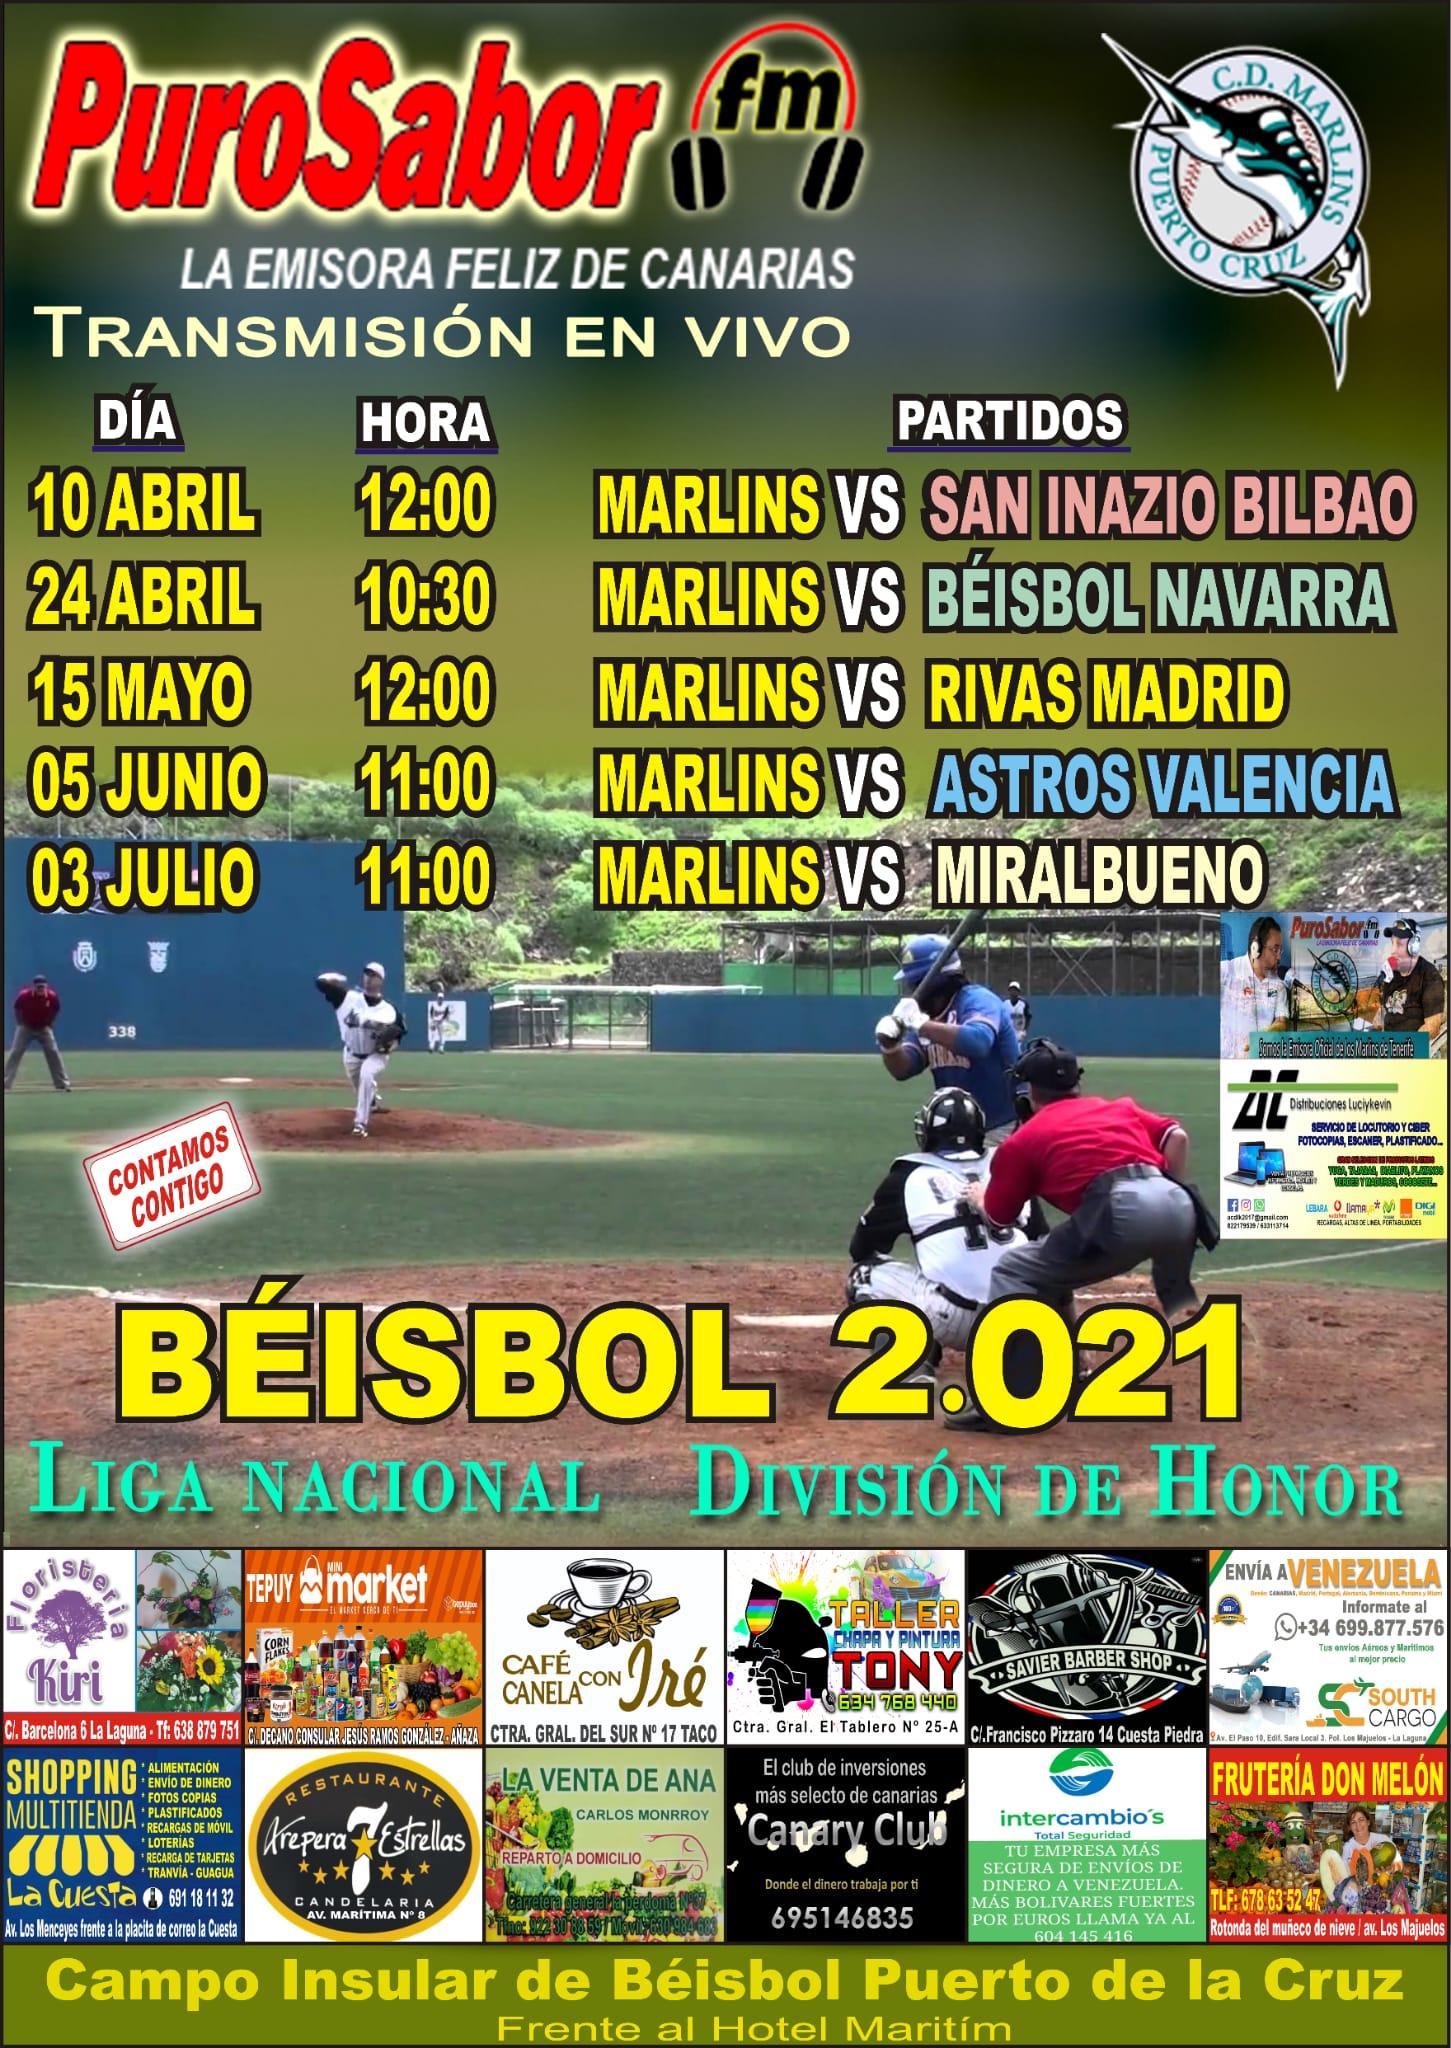 IMG-20210330-WA0050